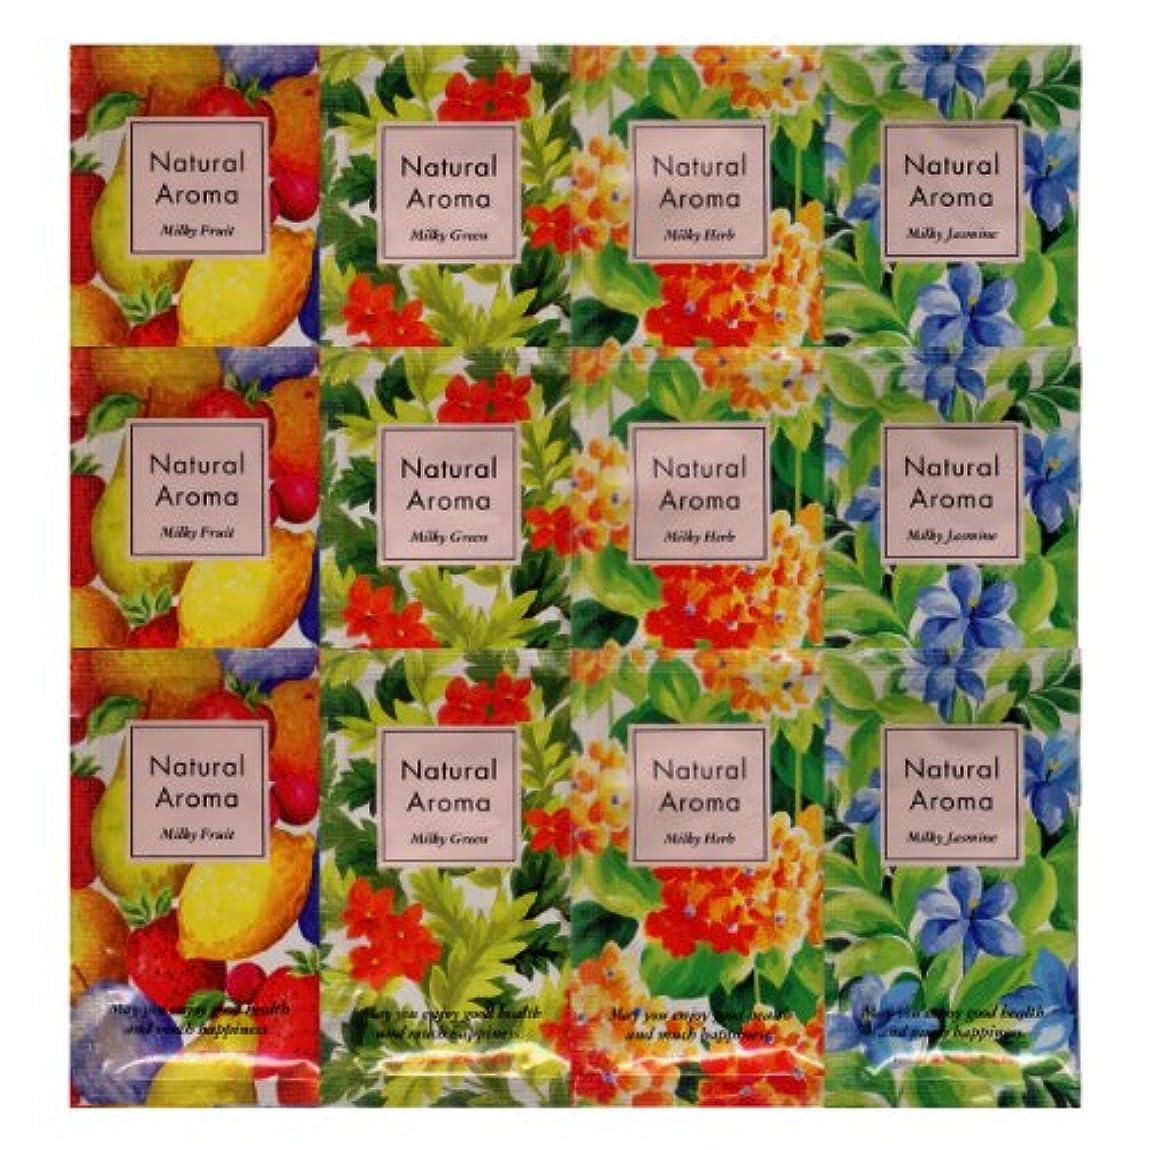 尊敬する運動国民投票ナチュラルアロマ 入浴剤 ミルキーハーブ 4種類×3 12包セット